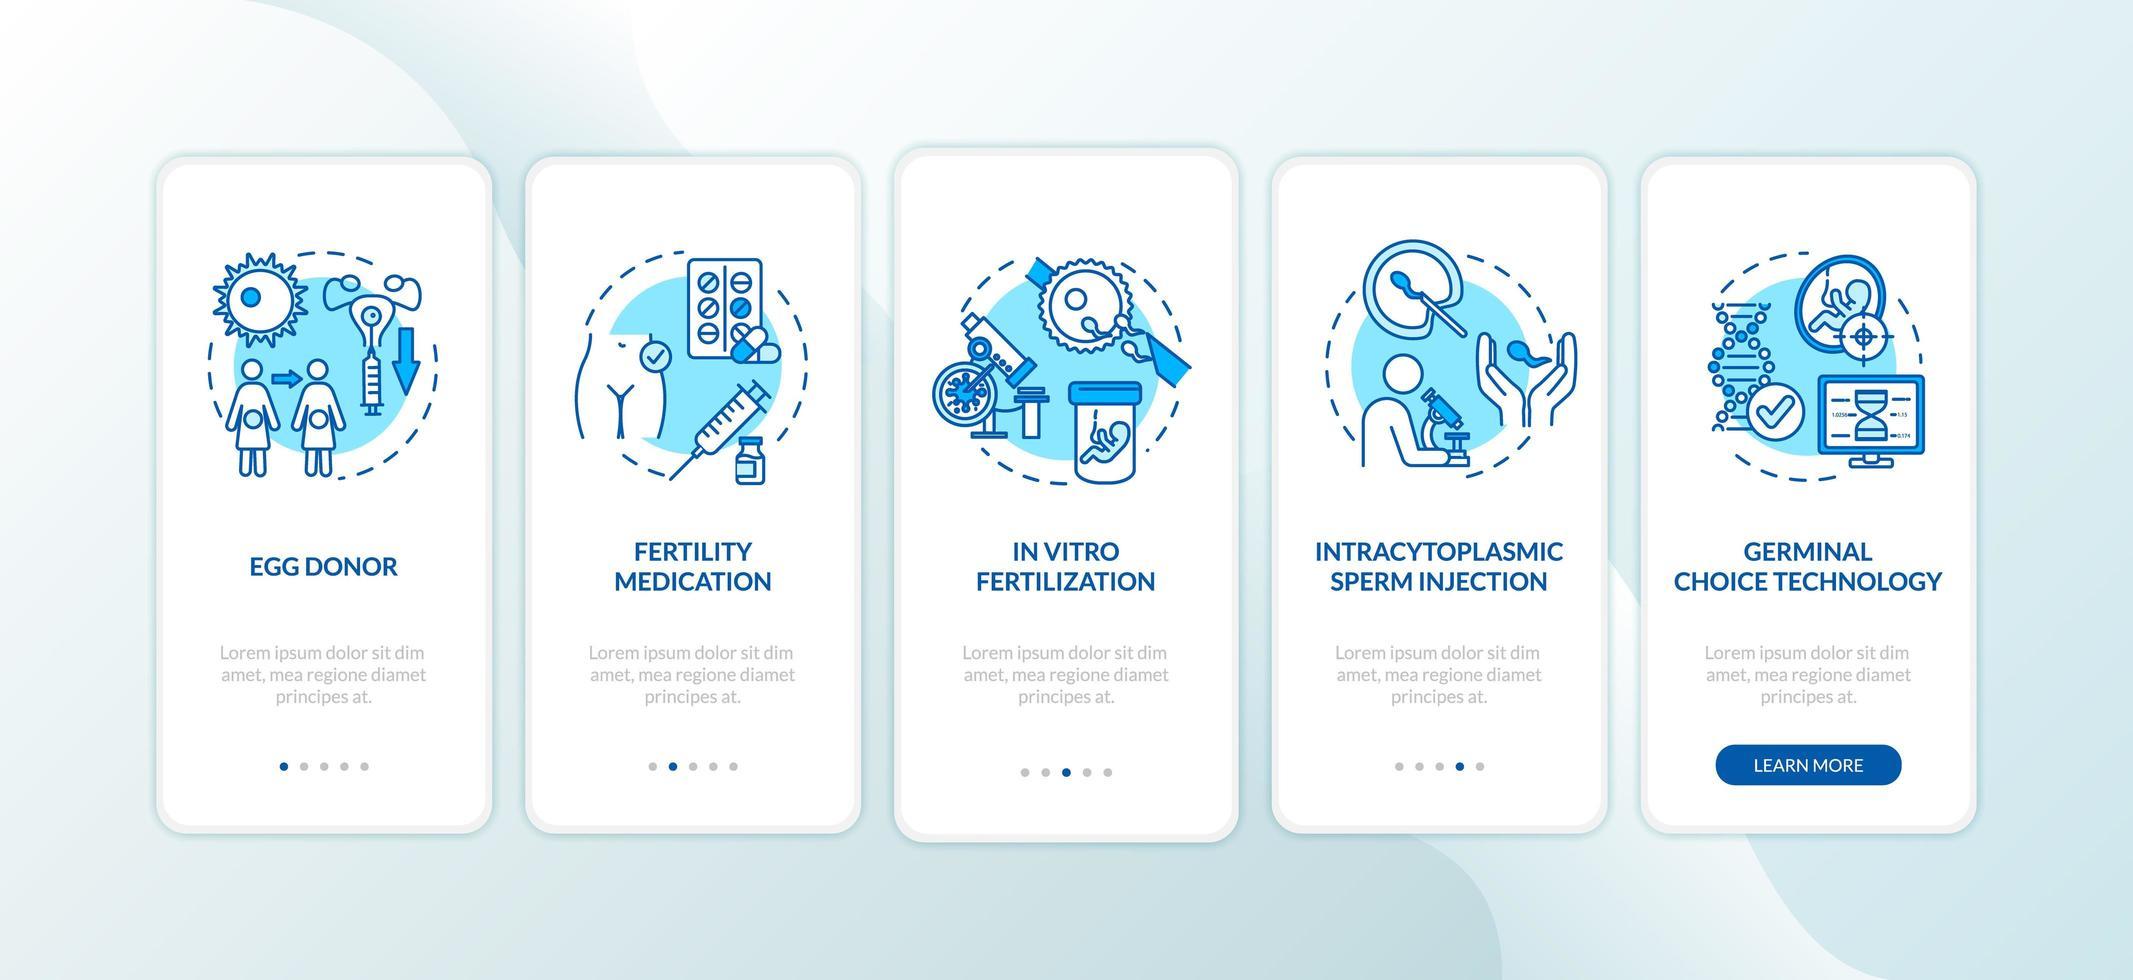 Écran de la page de l'application mobile d'intégration des médicaments contre la fertilité vecteur